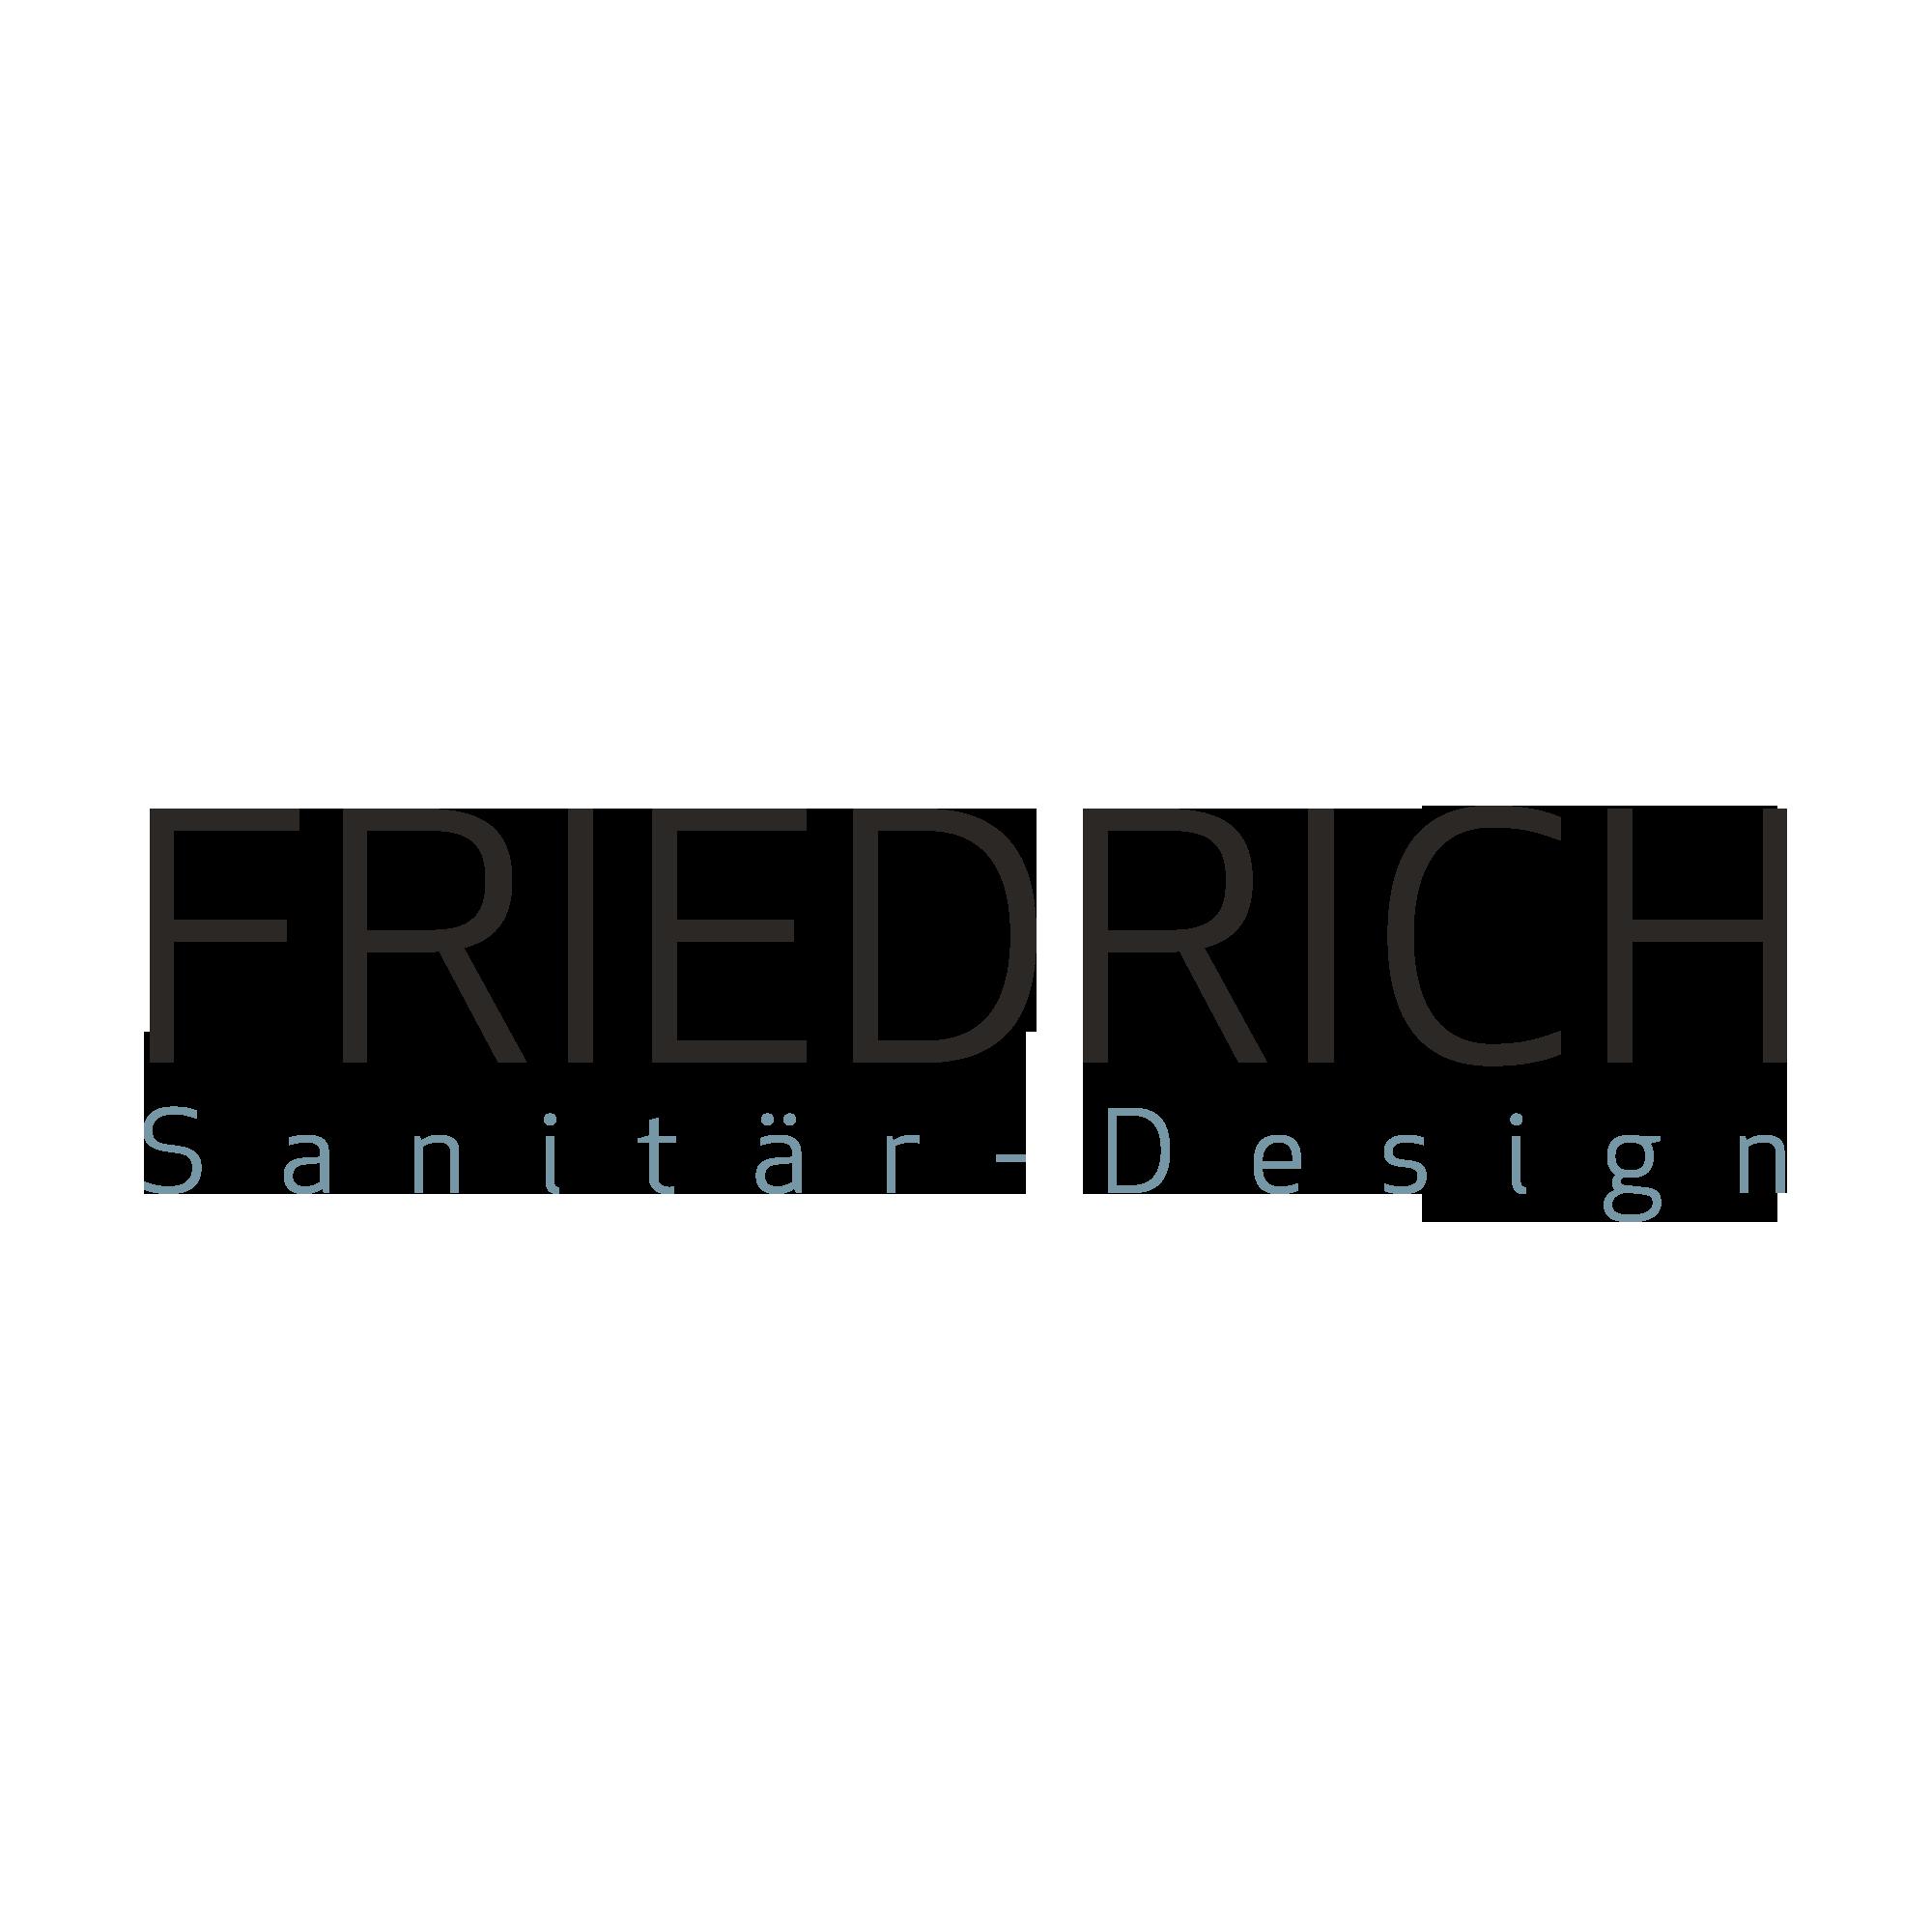 FRIEDRICH Sanitär-Design